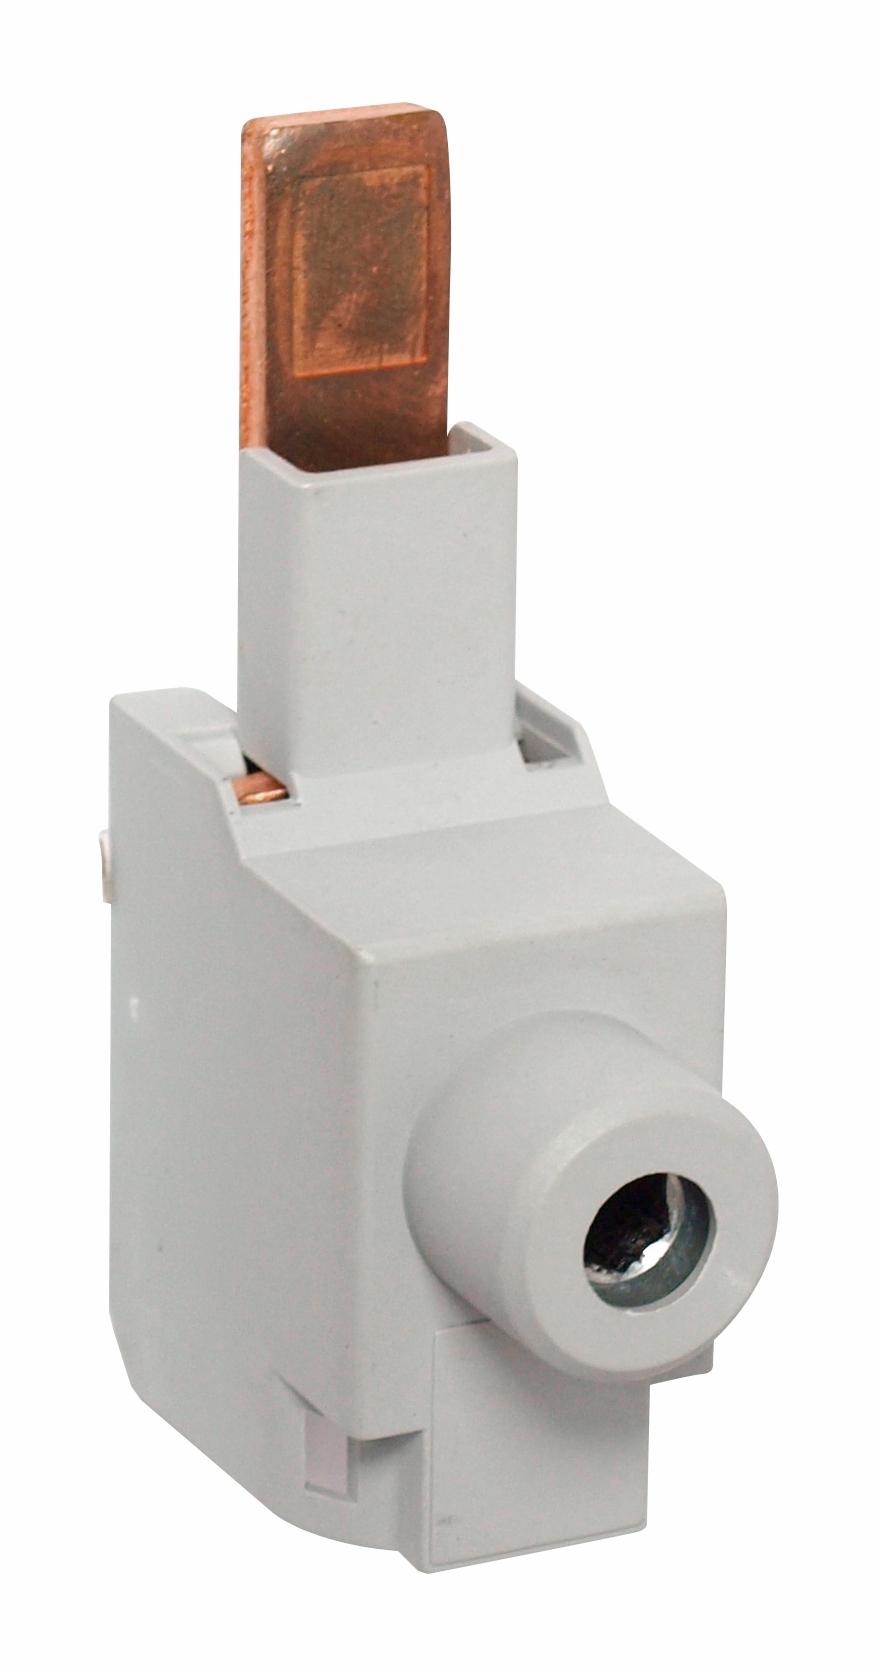 1 Stk Einspeiseklemme 1-polig mit Klemme 95mm² für Baugrösse 3 LSZ3D001--